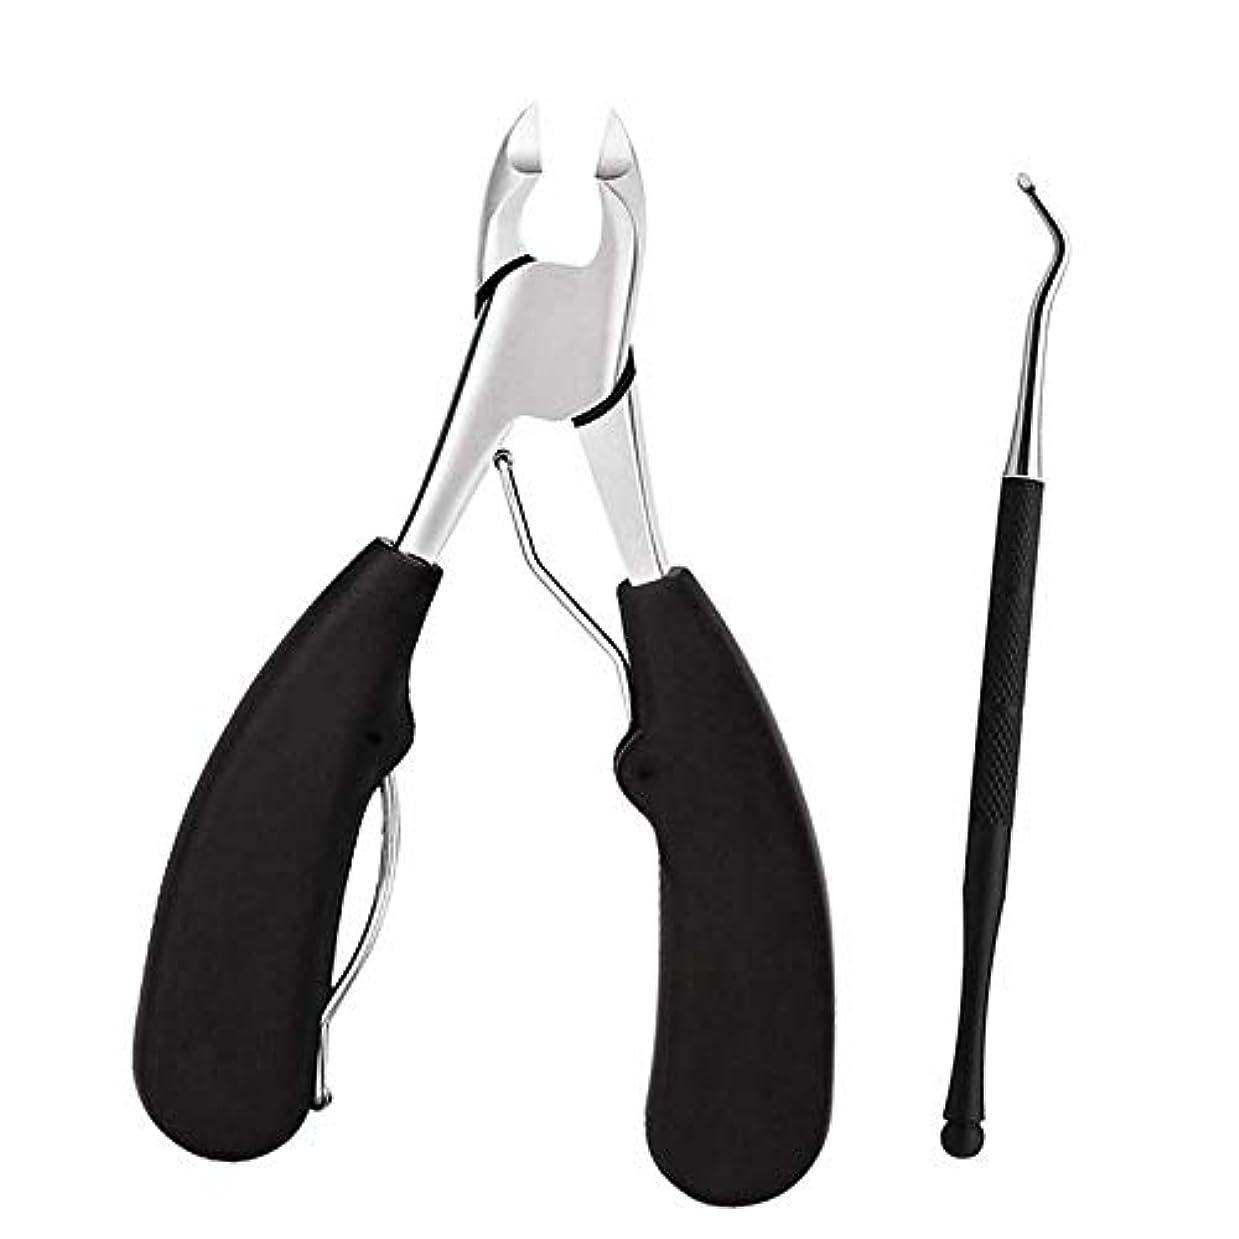 無実勤勉削減ALSKY 爪切り,収納ボックス付き, 陥入爪用の、厚い爪、巻き爪、変形爪、爪周囲炎、陥入爪、爪白癬に- 医療用ステンレス製爪きり